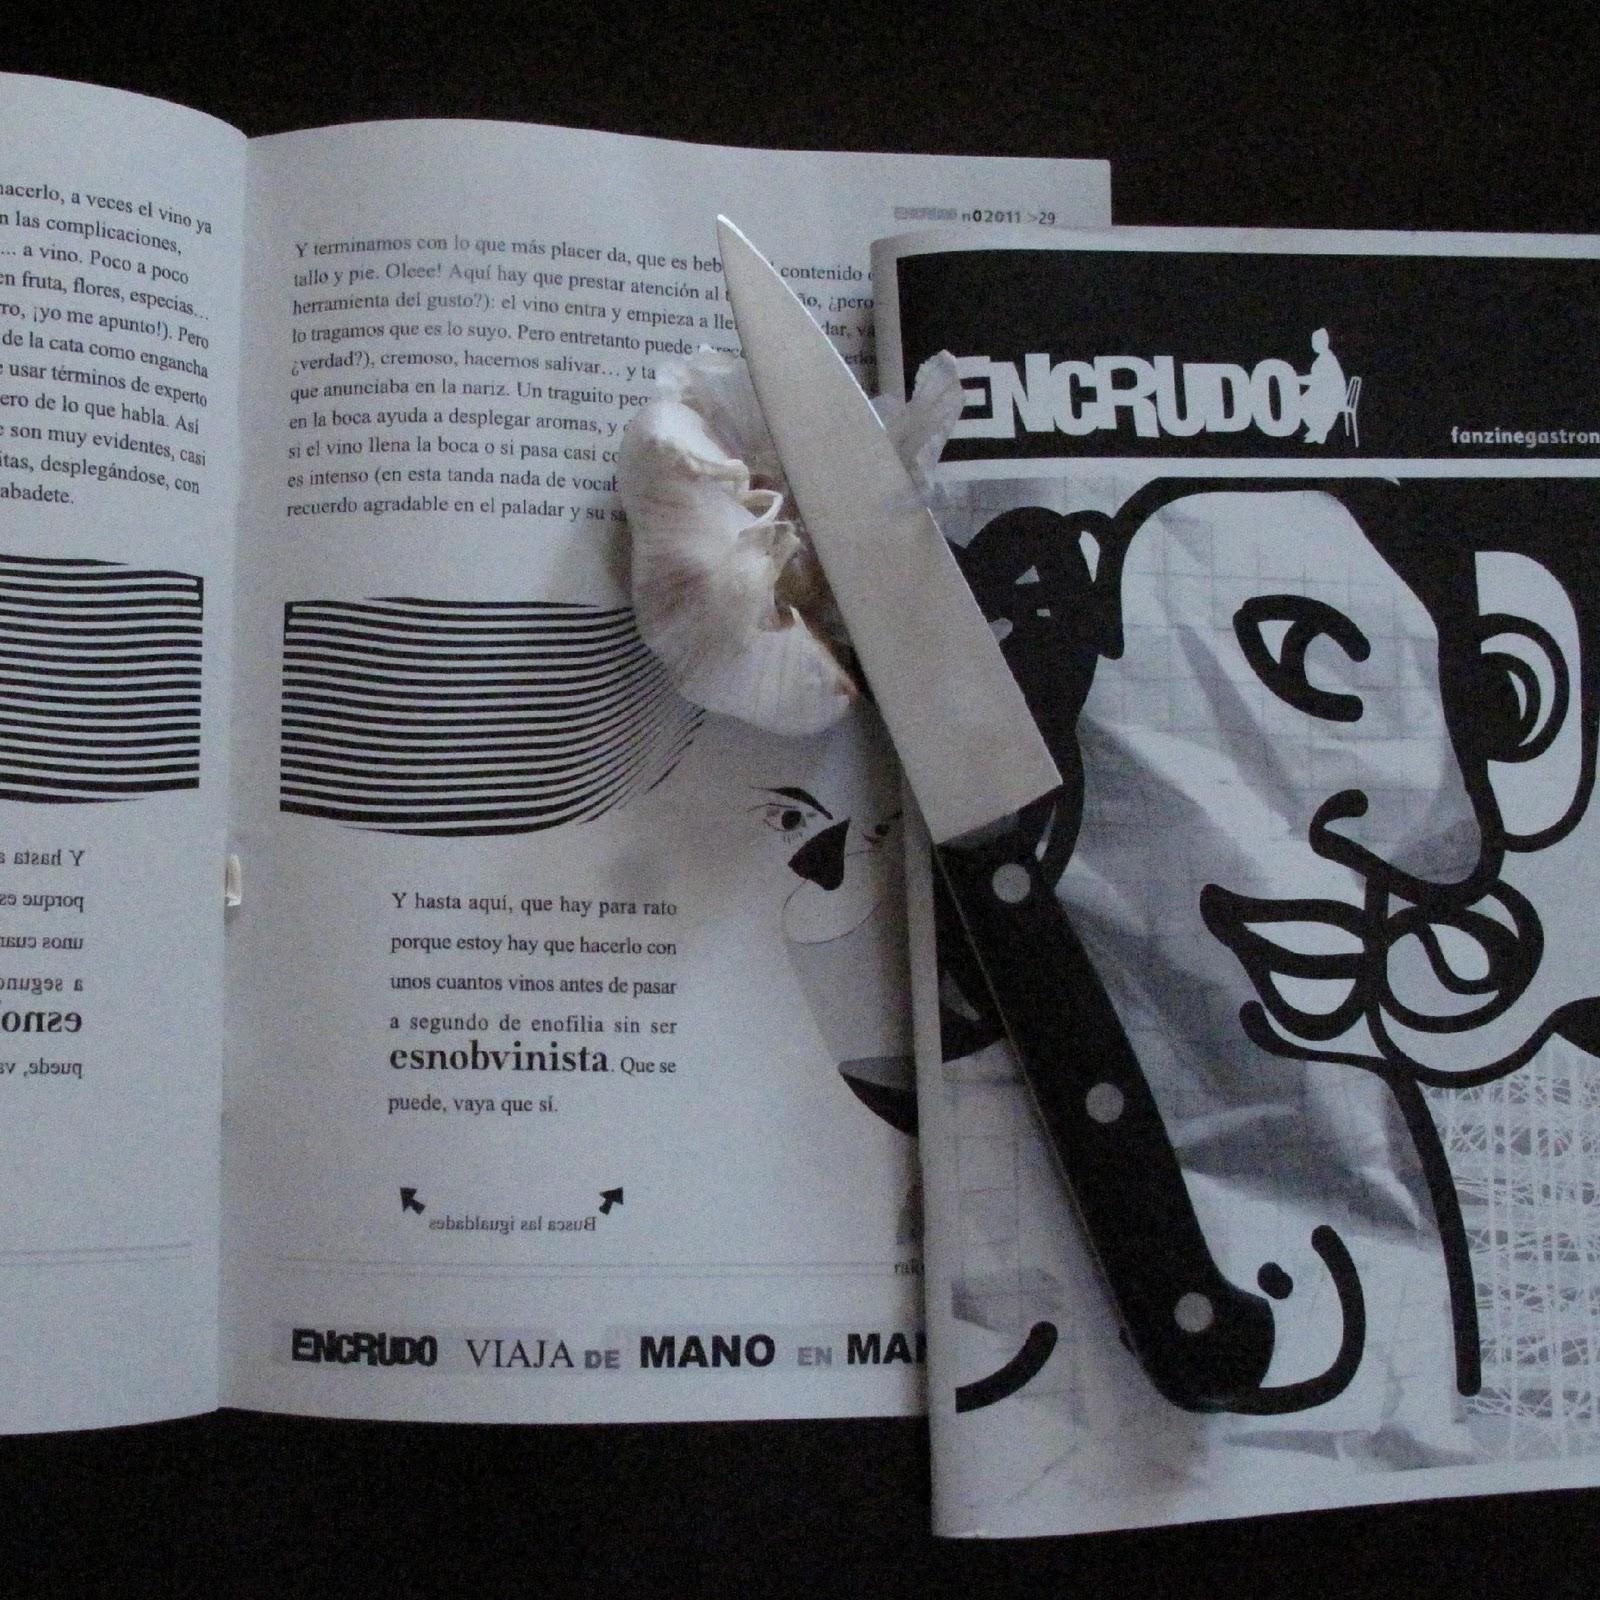 Foto del blog de El Comidista perteneciente al post sobre EnCrudo